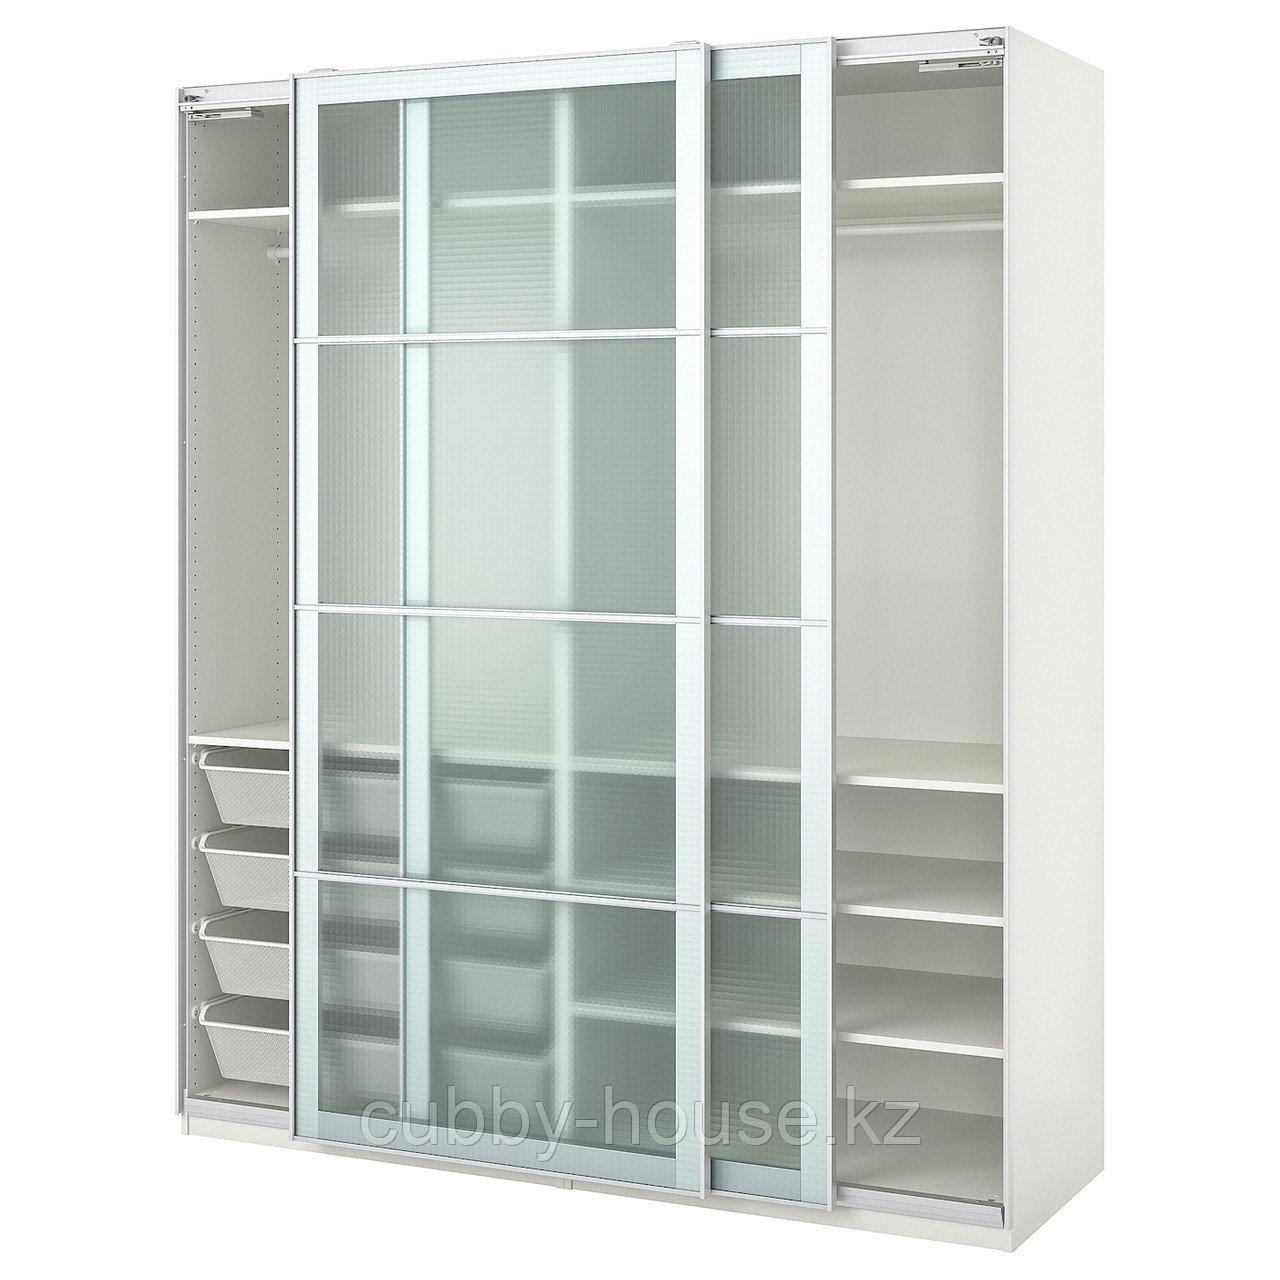 ПАКС Гардероб, белый, Нюкирха закаленное стекло,орнамент «клетка», 200x66x236 см